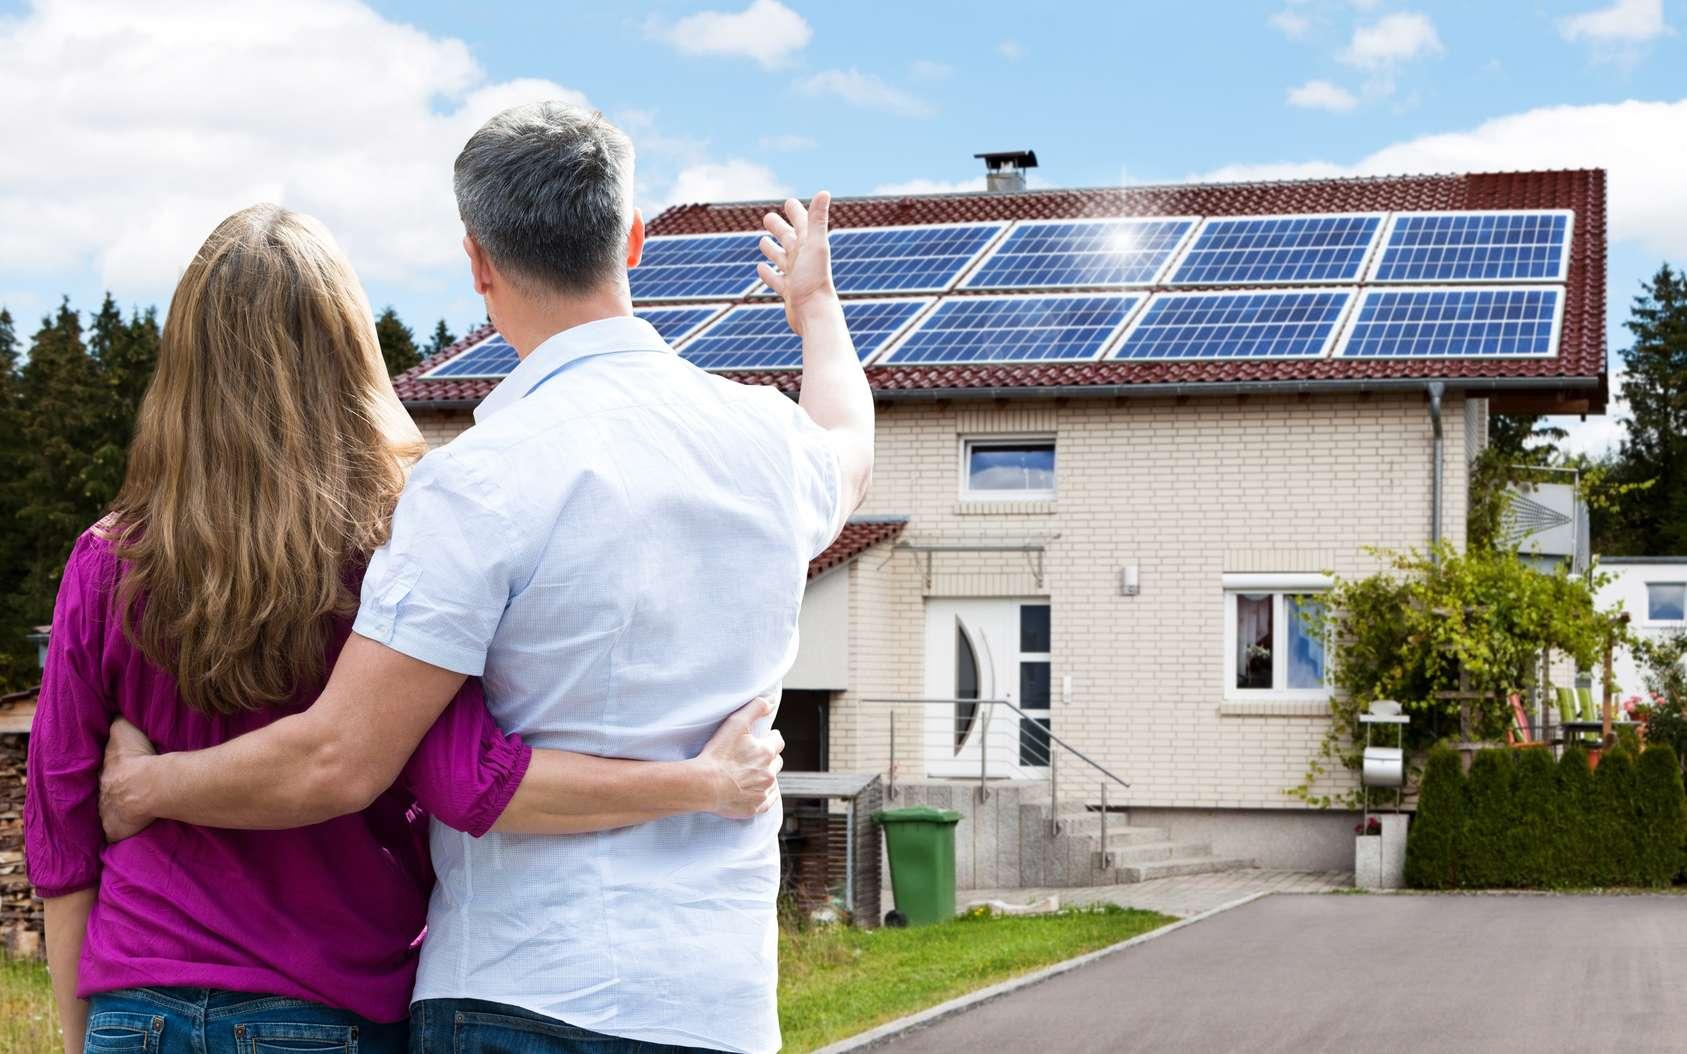 Installer des panneaux solaires sur une maison implique de bien choisir leur emplacement. © Andrey Popov